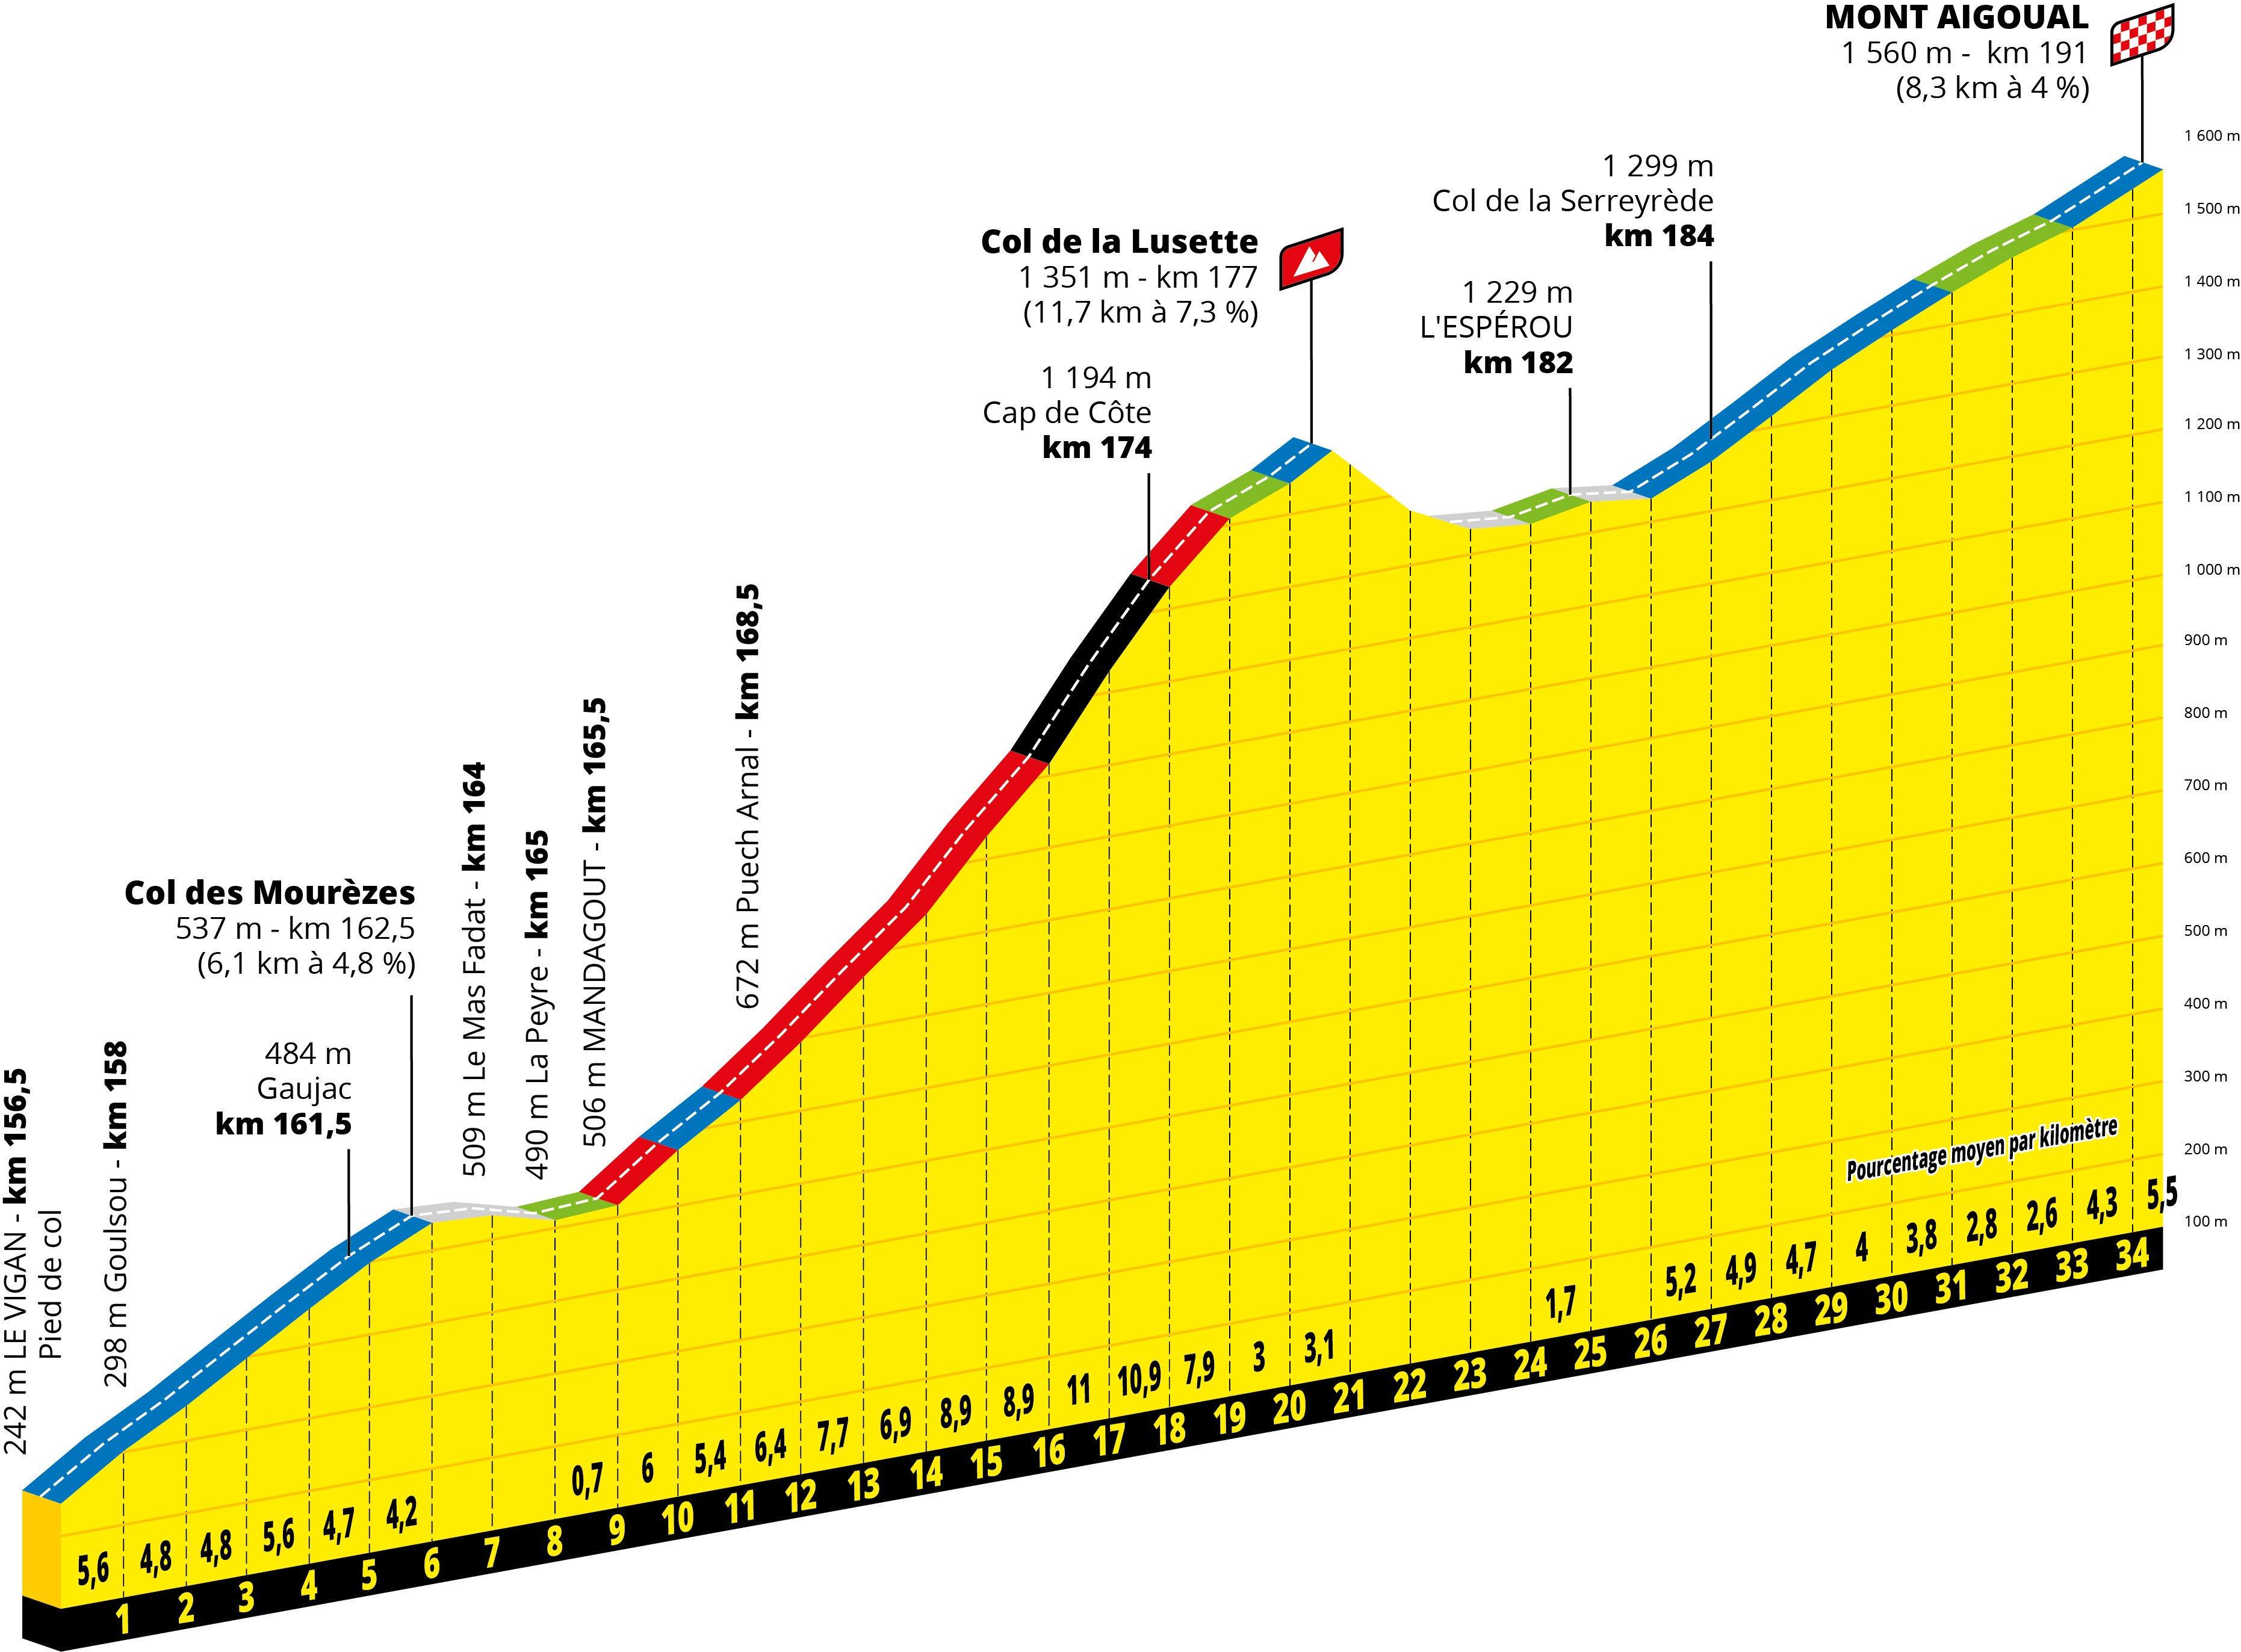 Mont-Aigoual. Tour 2020